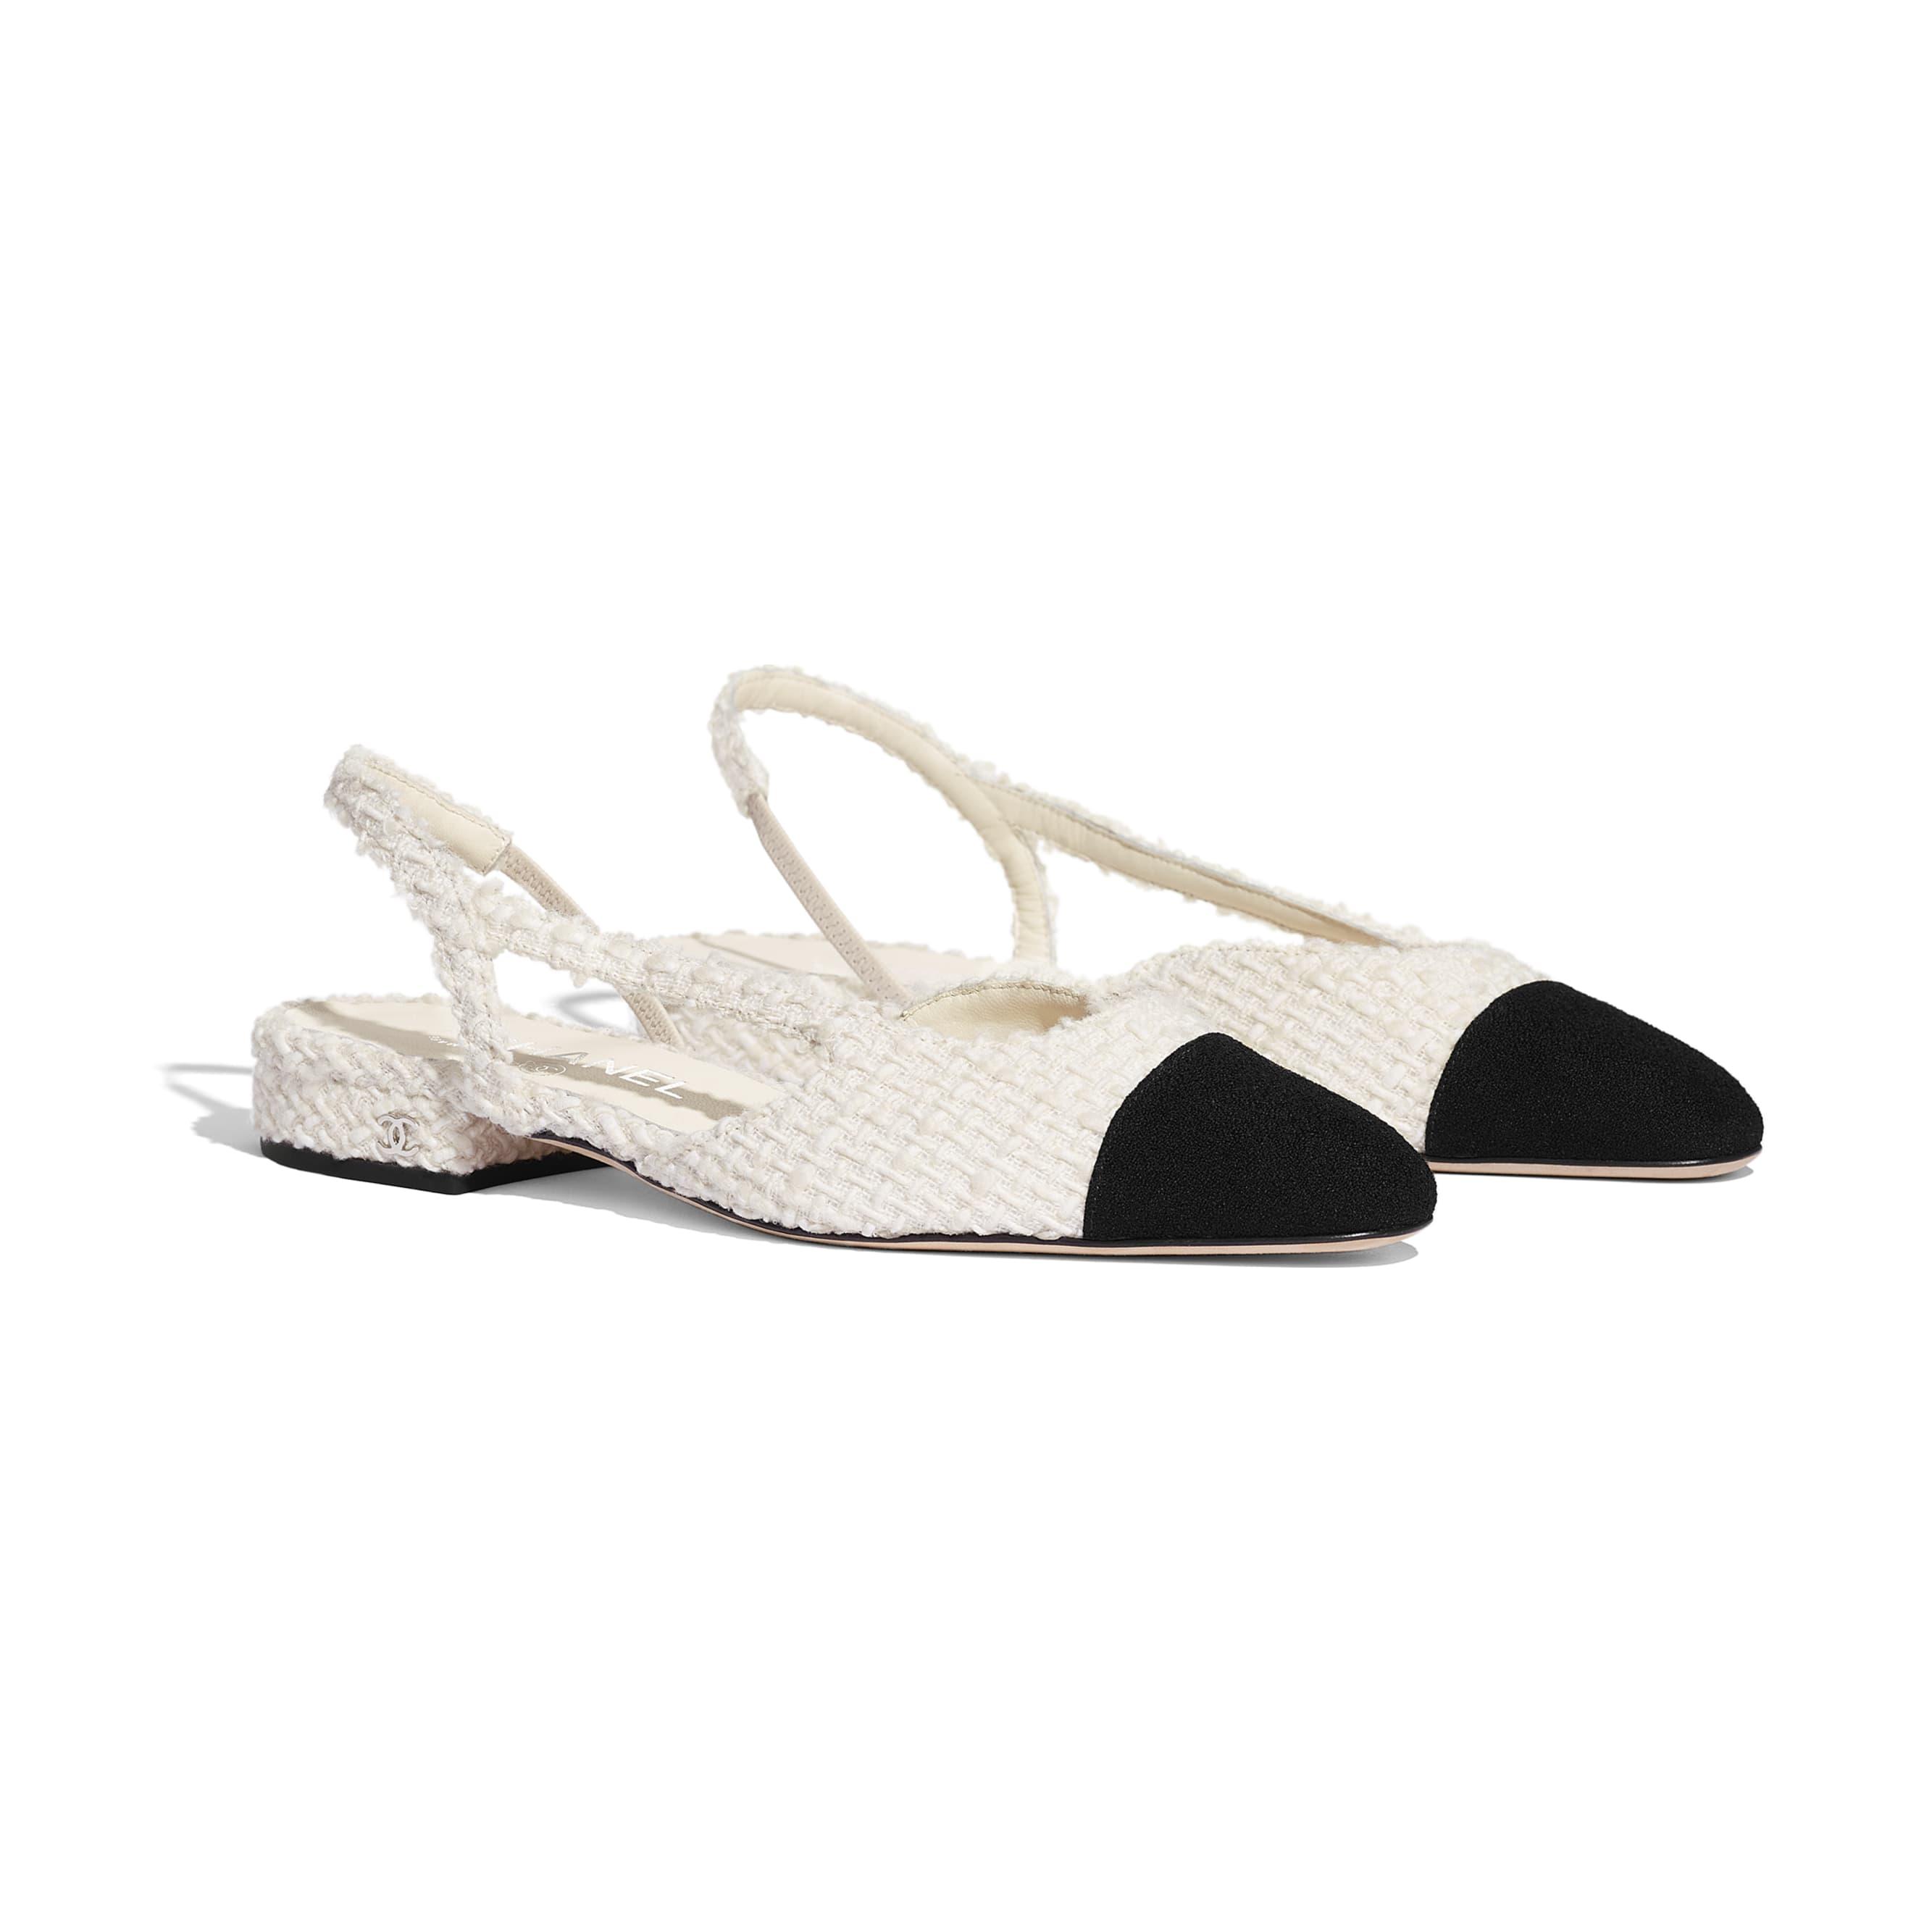 รองเท้าแบบมีสายรัดด้านหลัง - สีขาวและสีดำ - ผ้าวูลทวีต - มุมมองทางอื่น - ดูเวอร์ชันขนาดมาตรฐาน